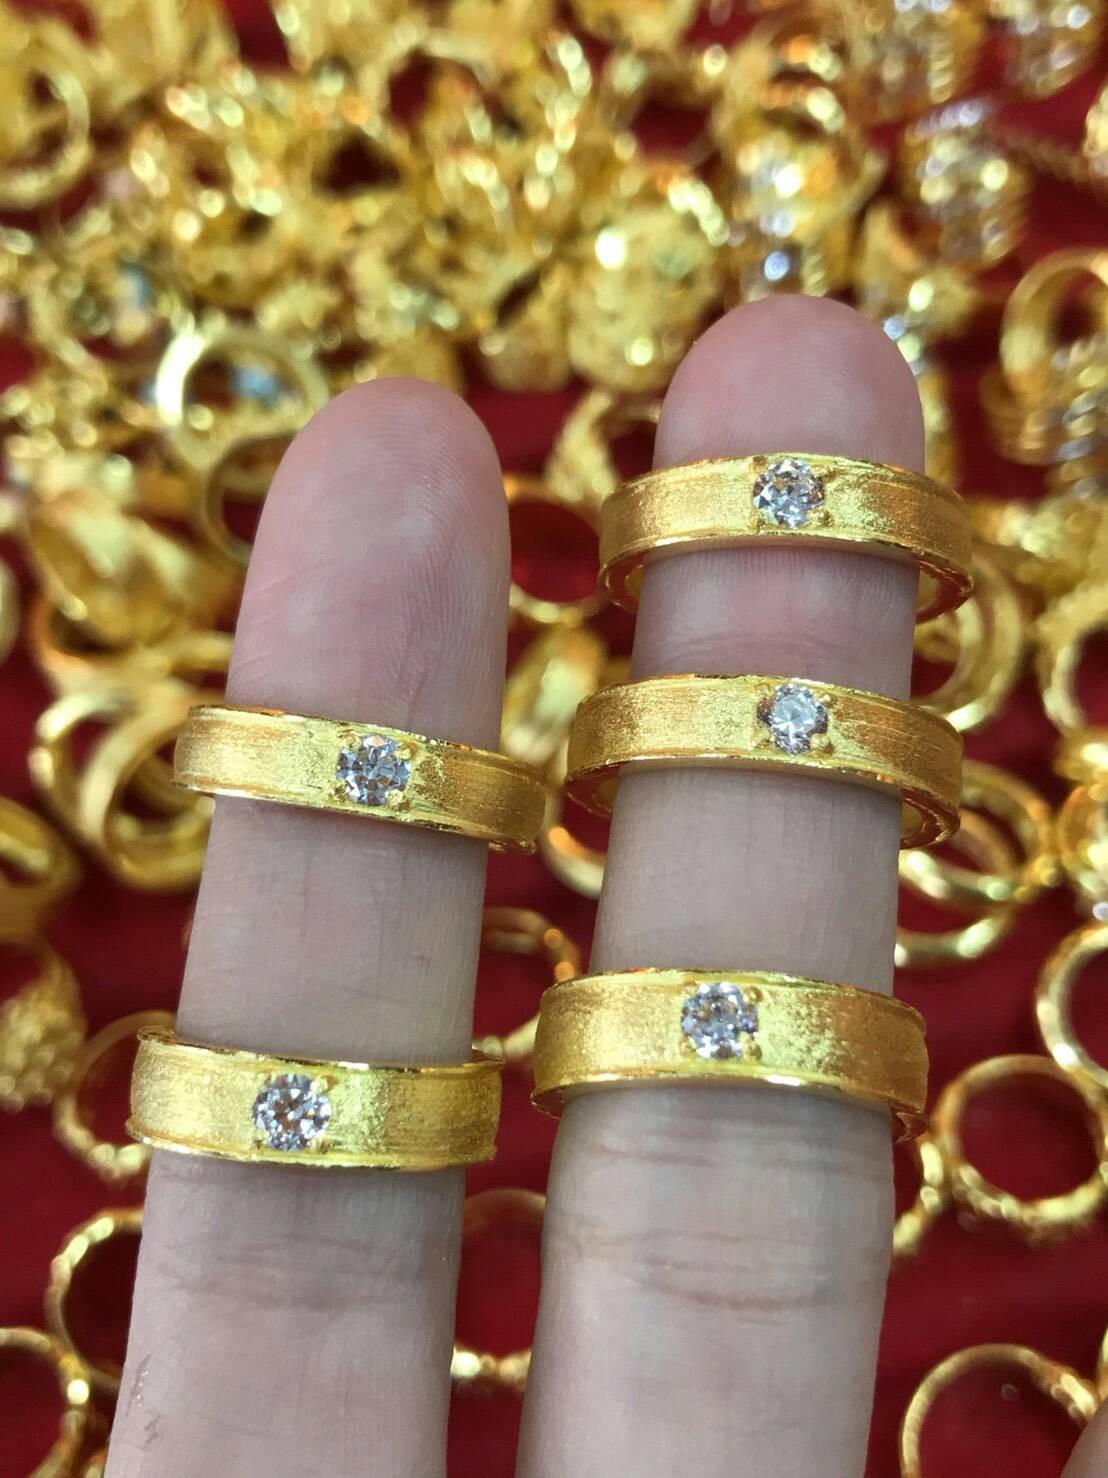 แหวนทองแท้ 96.5% ประดับเพชร หนัก 2 สลึง (7.6 กรัม)